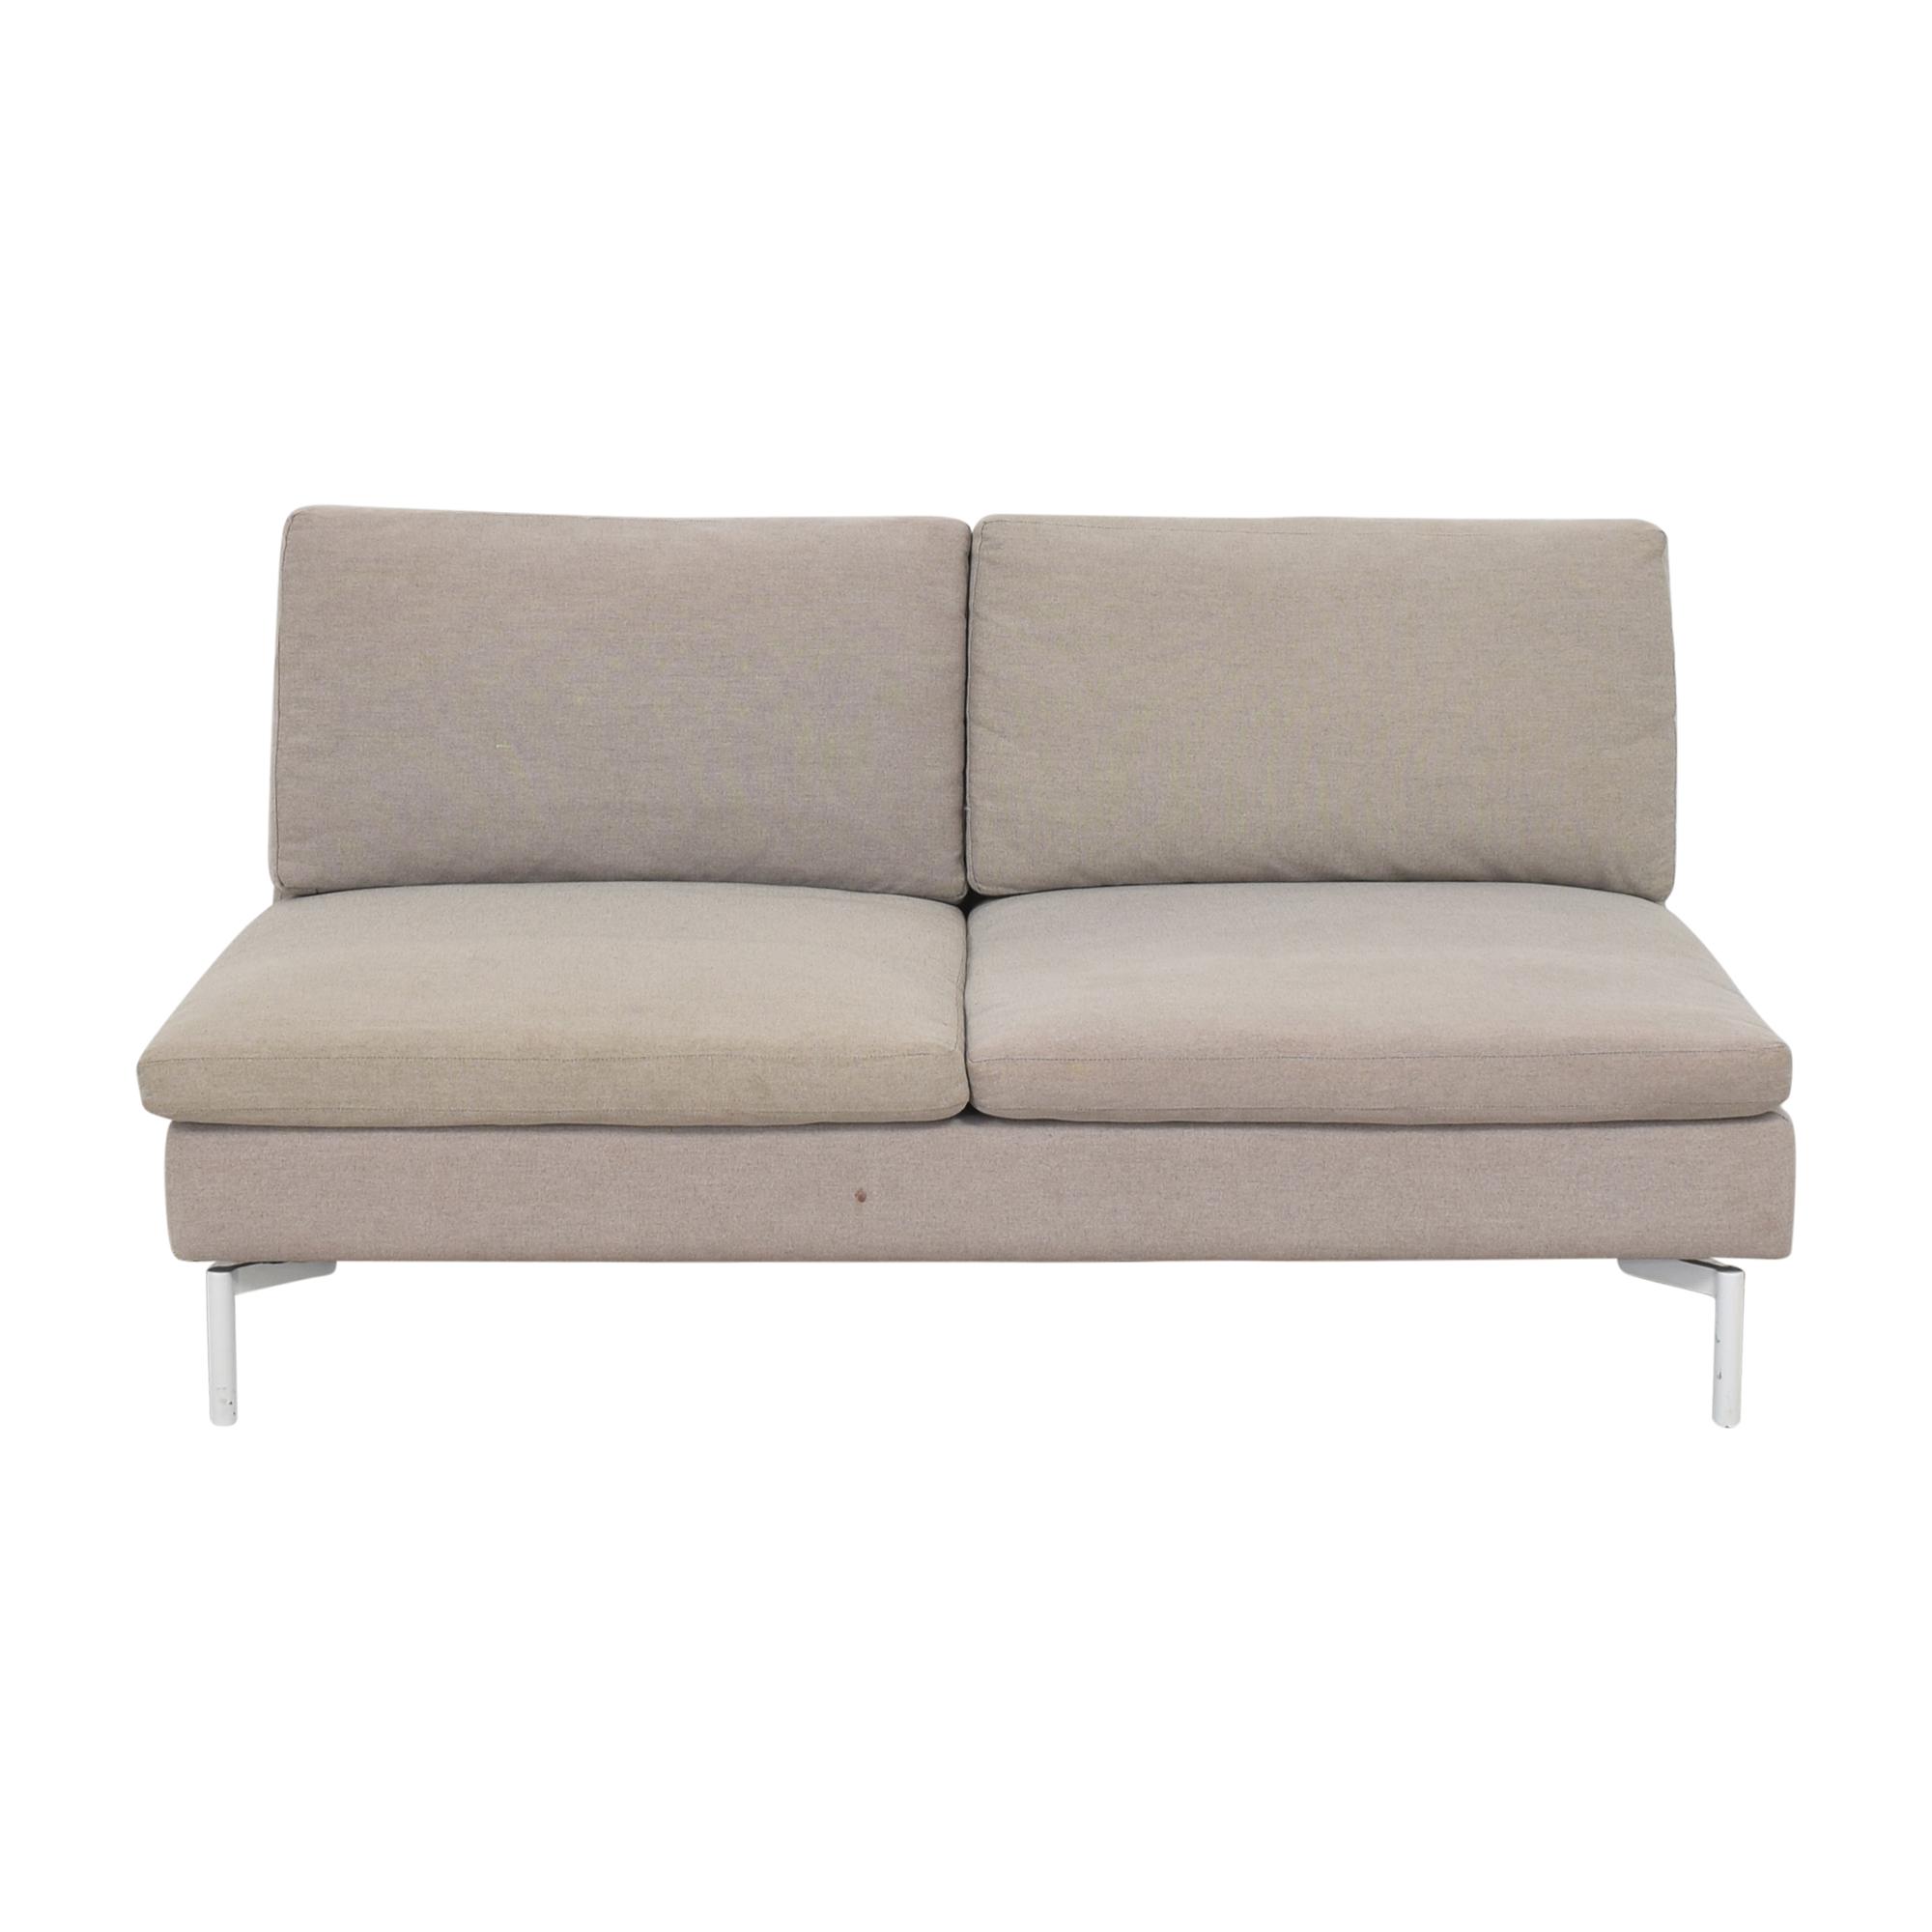 Blu Dot Blu Dot New Standard Armless Sofa dimensions